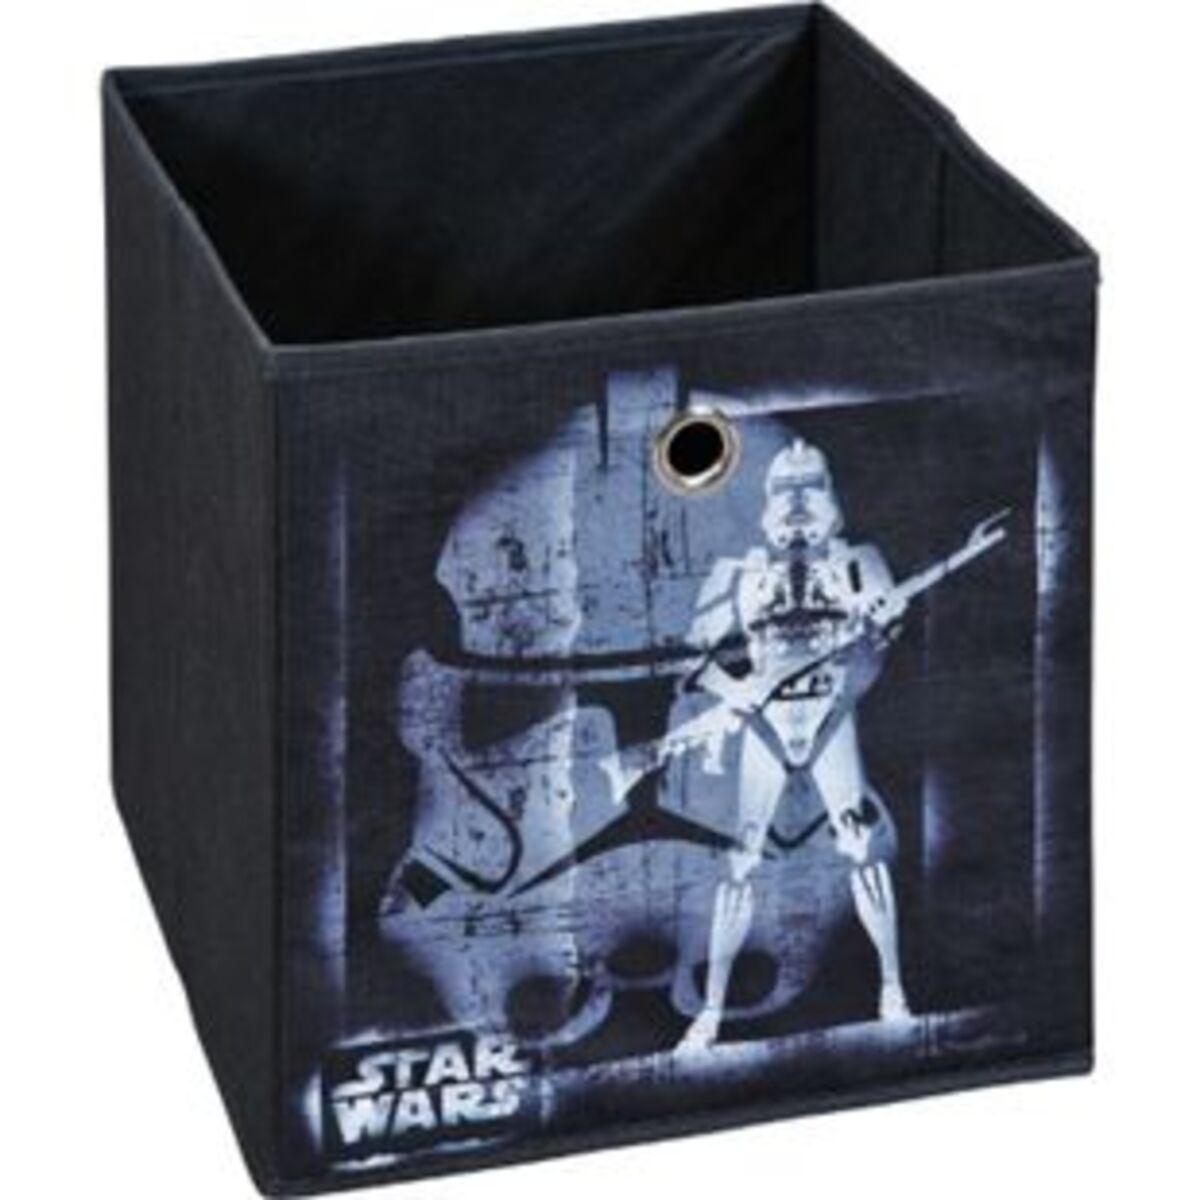 Bild 2 von Inter Link Faltkiste Star Wars II